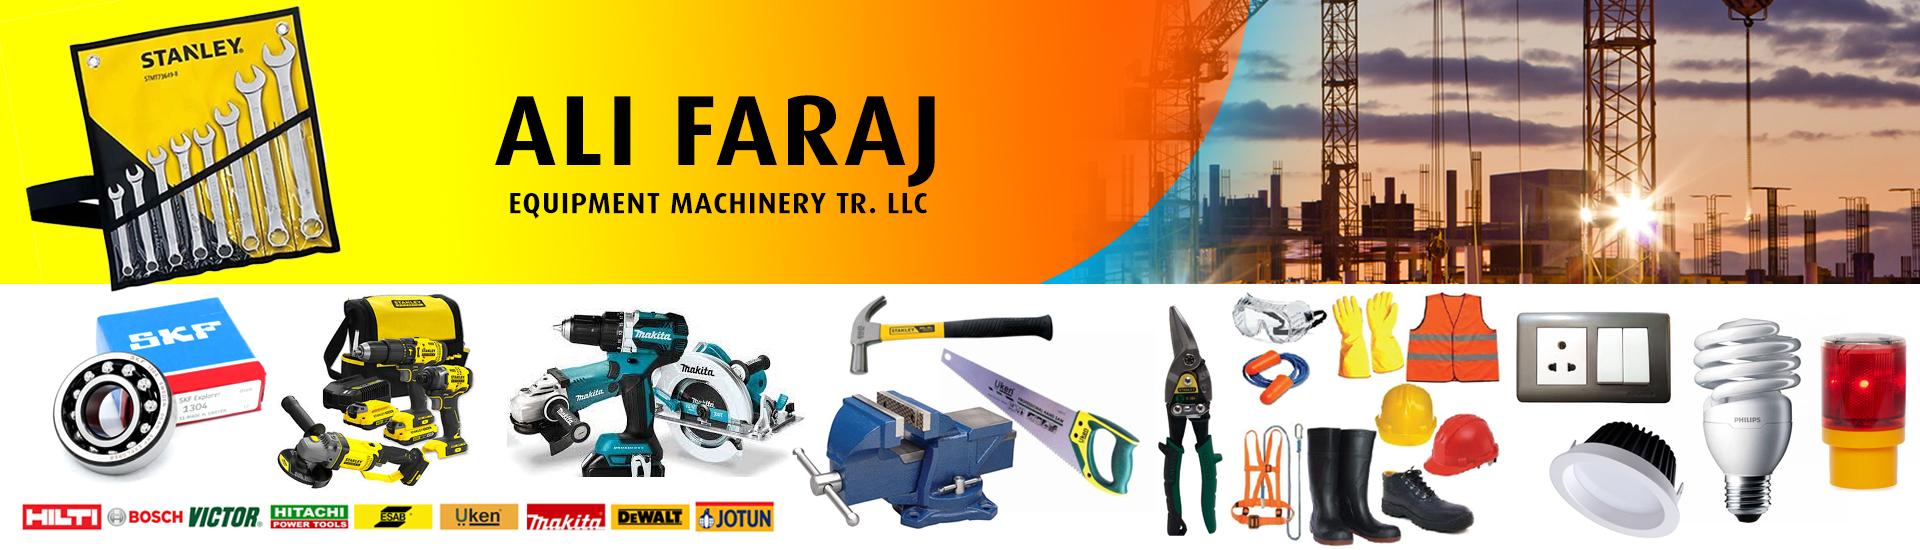 ALI FARAJ EQUIPMENT MACHINERY Tr. LLC